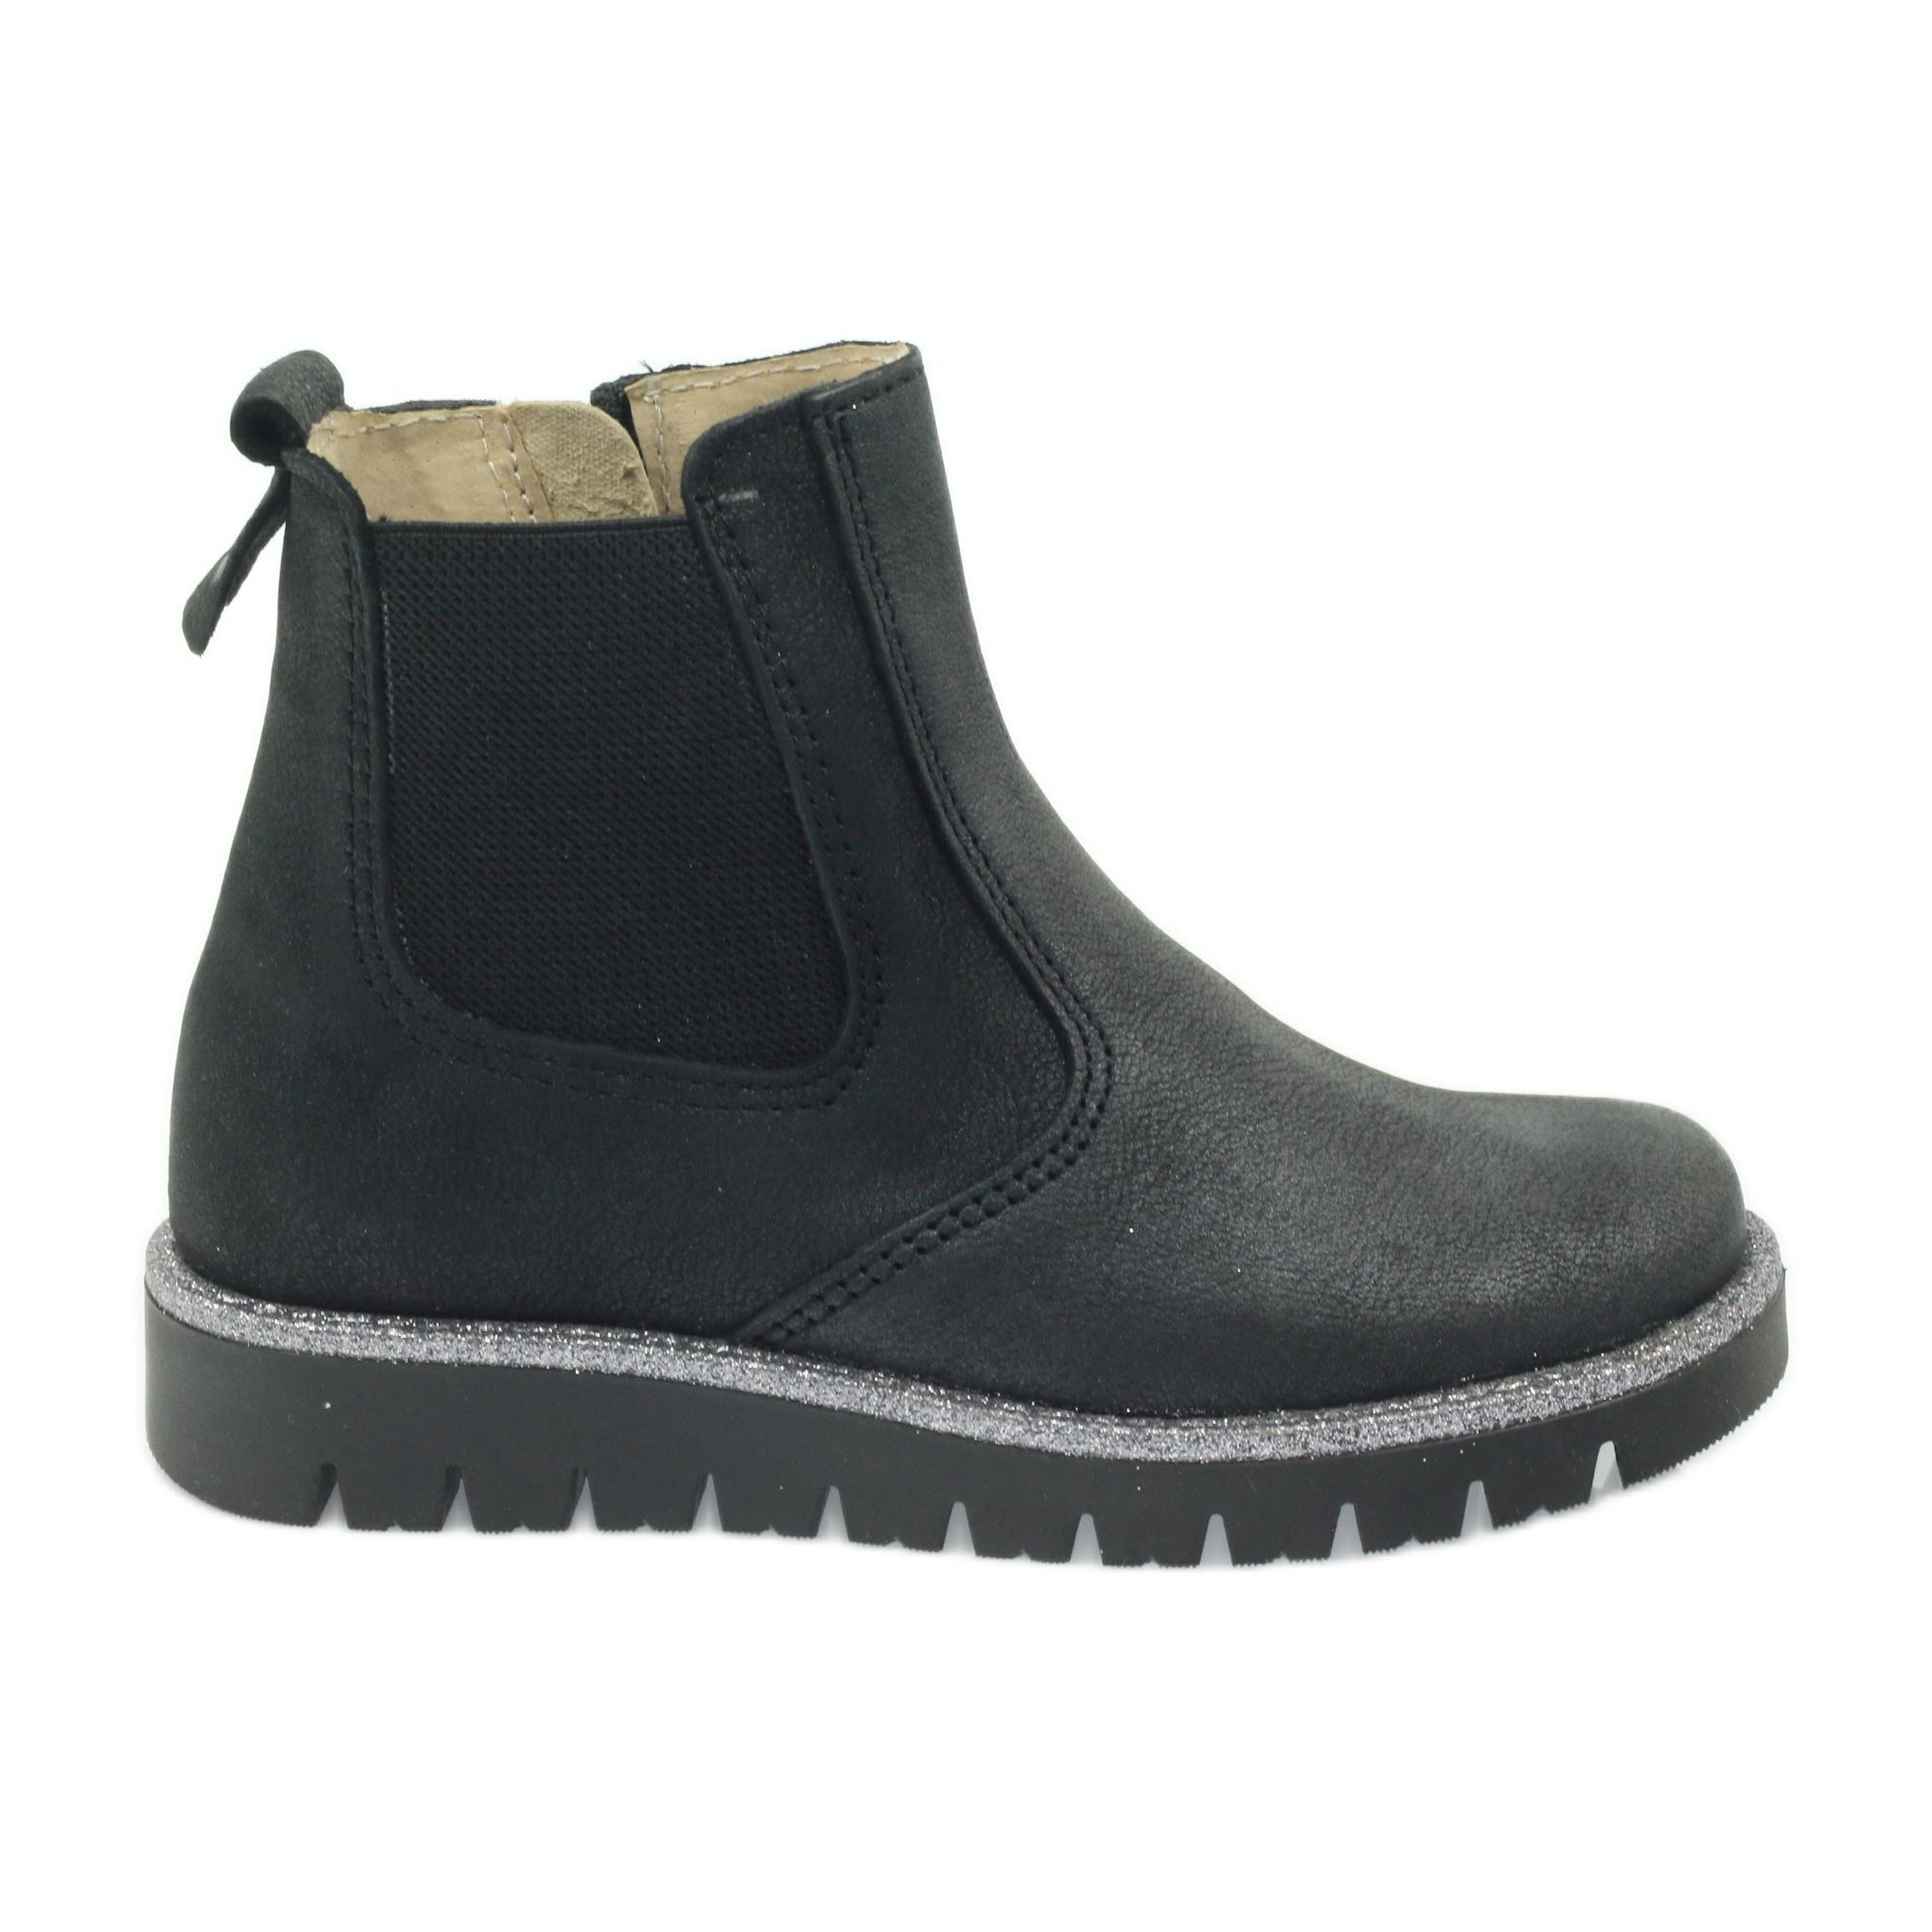 strukturelle Behinderungen Für Original auswählen wähle echt Ren But Mädchen Stiefel Ren Aber 3316 schwarz